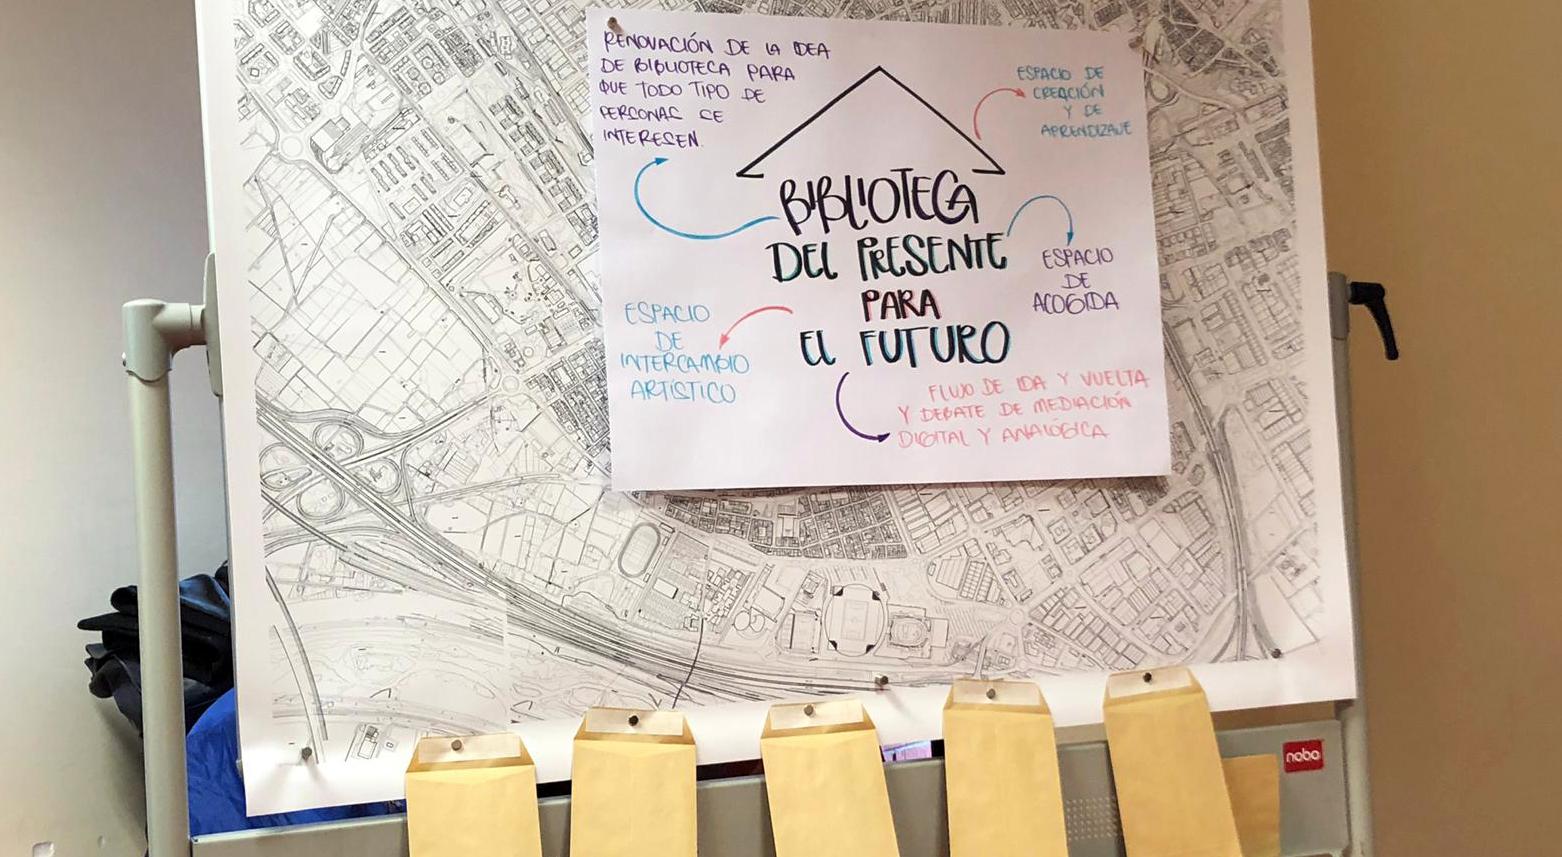 Citilab Organitza Una Setmana Dedicada Al Co-disseny D'un Espai Creatiu A Les Biblioteques De Cornellà